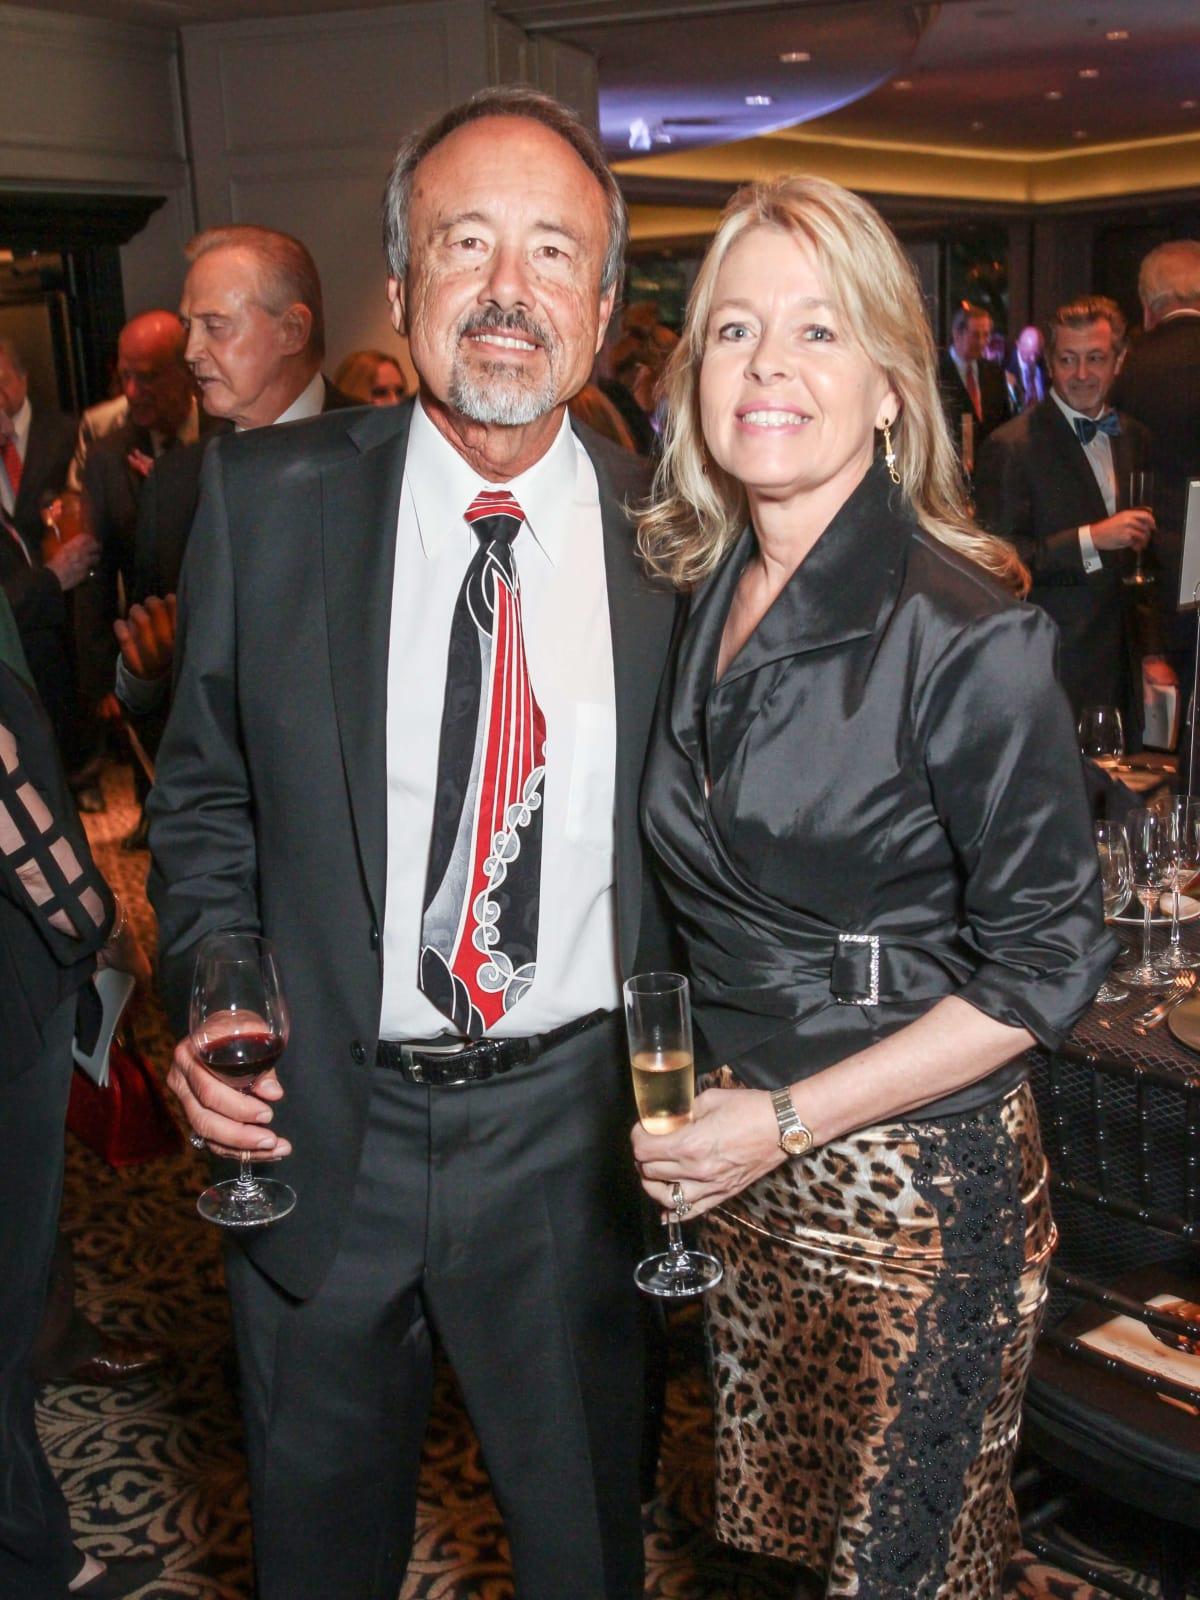 Best Cellars, 9/16 Darryl Schroeder, Lori Schoreder